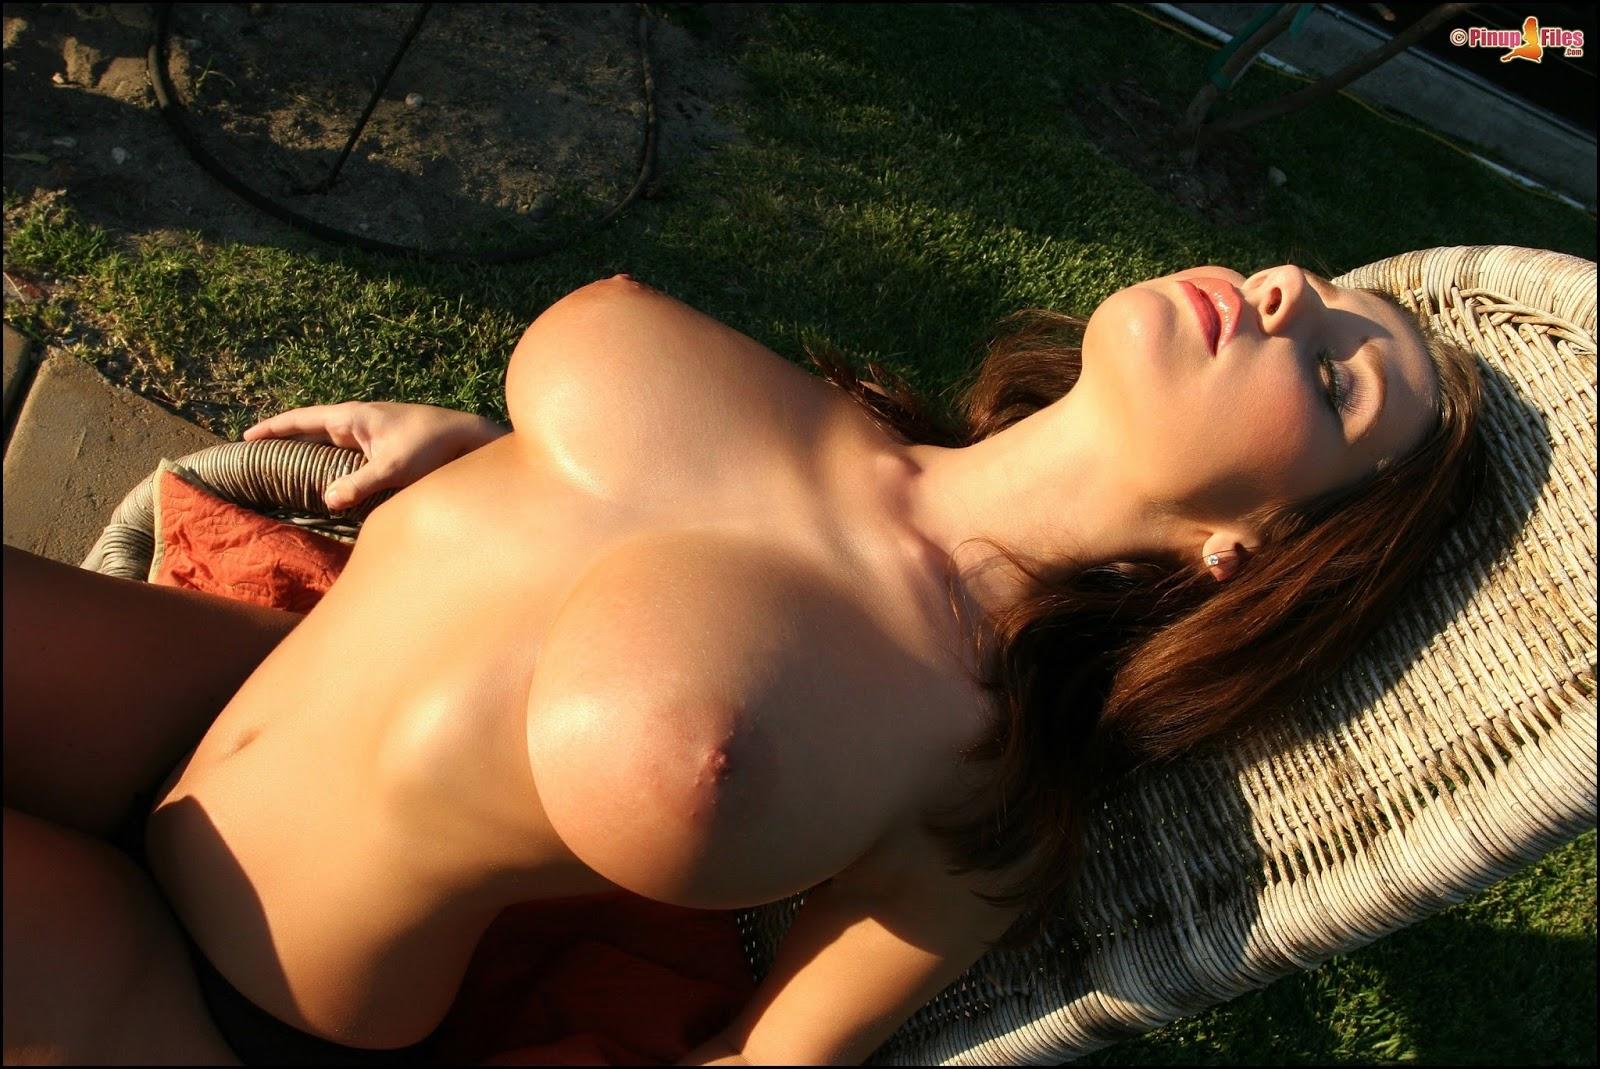 Эротика мужчина целует женскую грудь онлайн бесплатно без регистрации 17 фотография